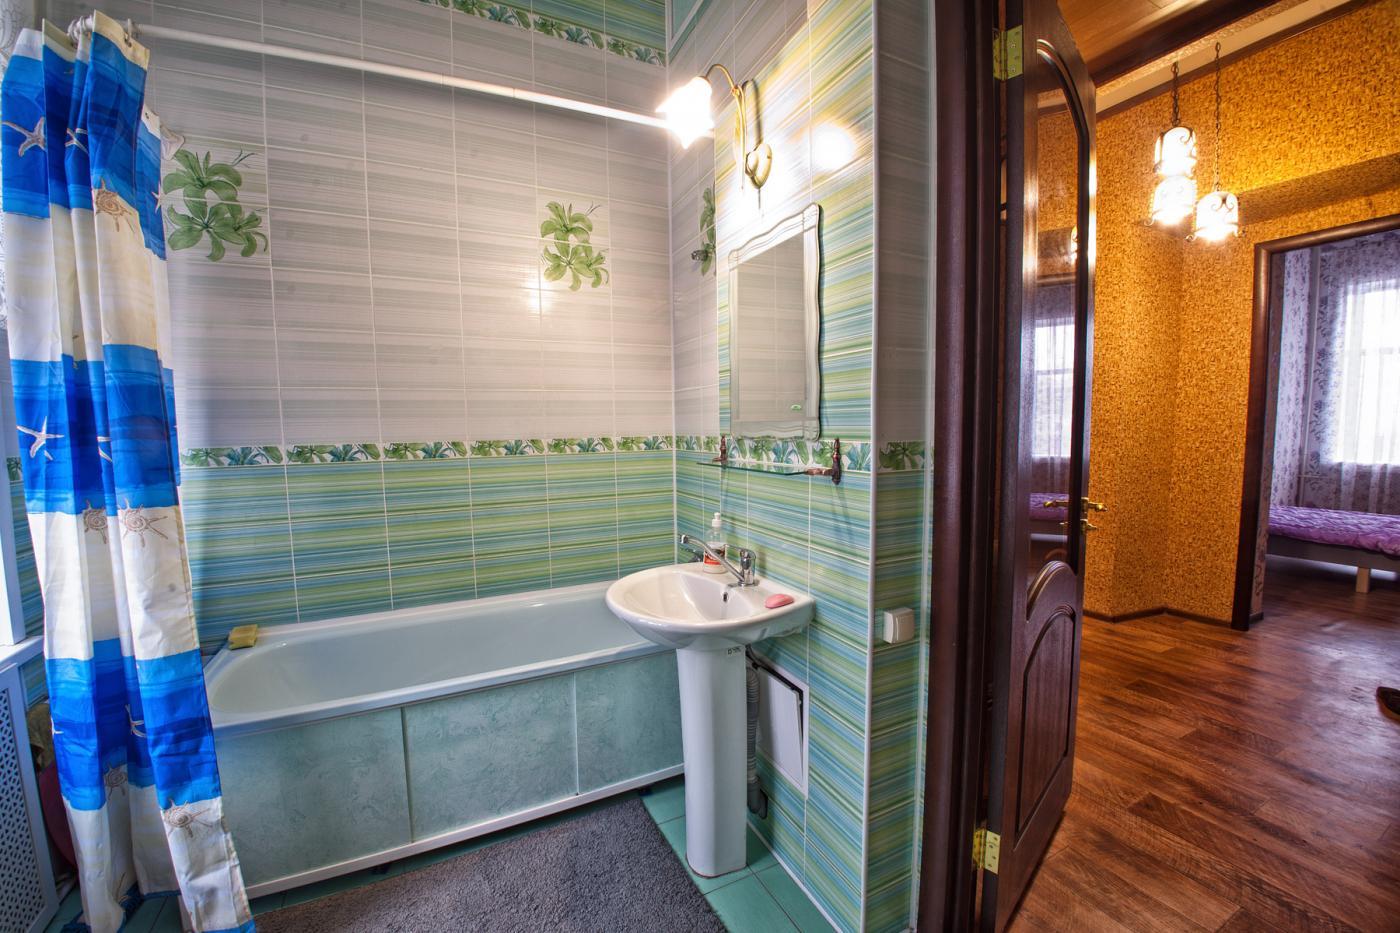 3-комнатная квартира посуточно (вариант № 1194), ул. Дзержинского улица, фото № 5